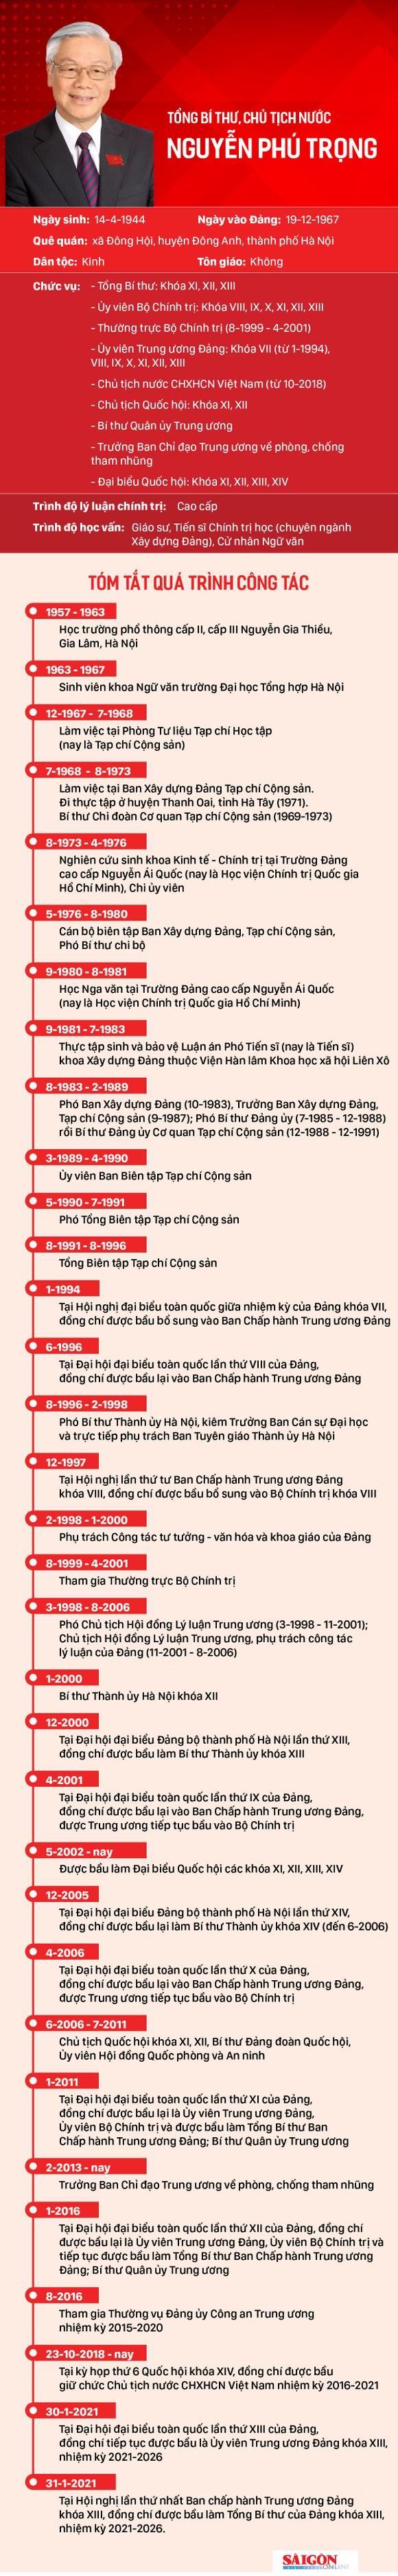 Đồng chí Nguyễn Phú Trọng được tín nhiệm bầu làm Tổng Bí thư Ban Chấp hành Trung ương Đảng khóa XIII ảnh 1